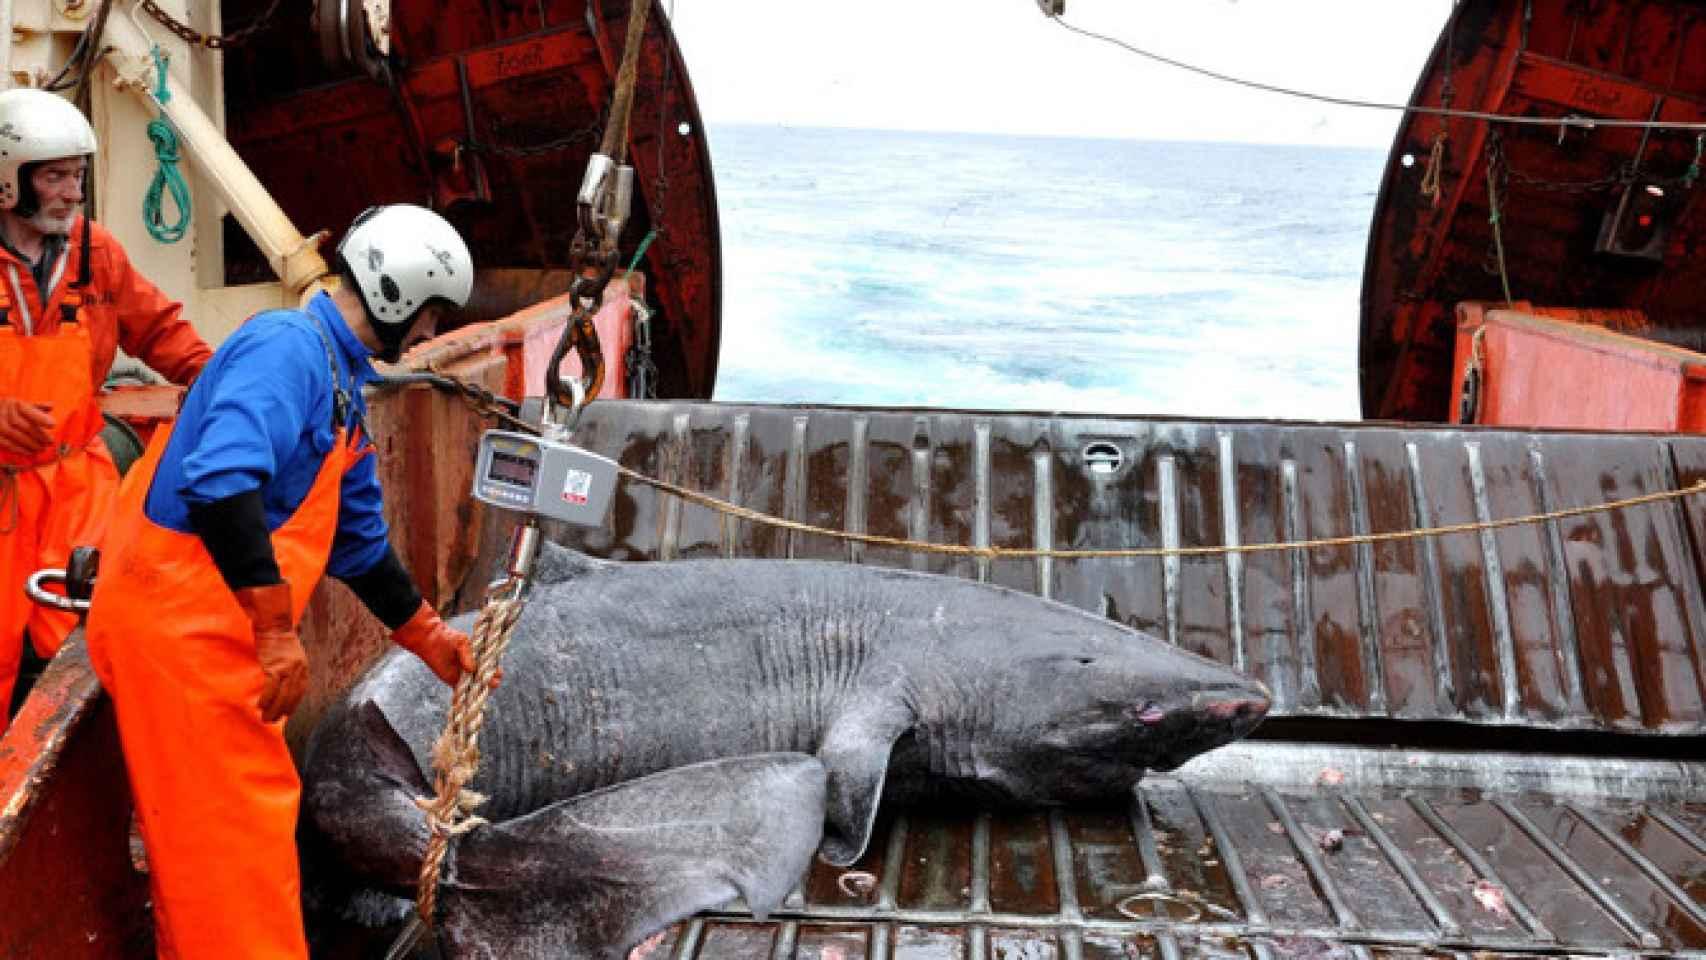 Un tiburón de Groenlandia se estudia en el buque de investigación Pâmiut.